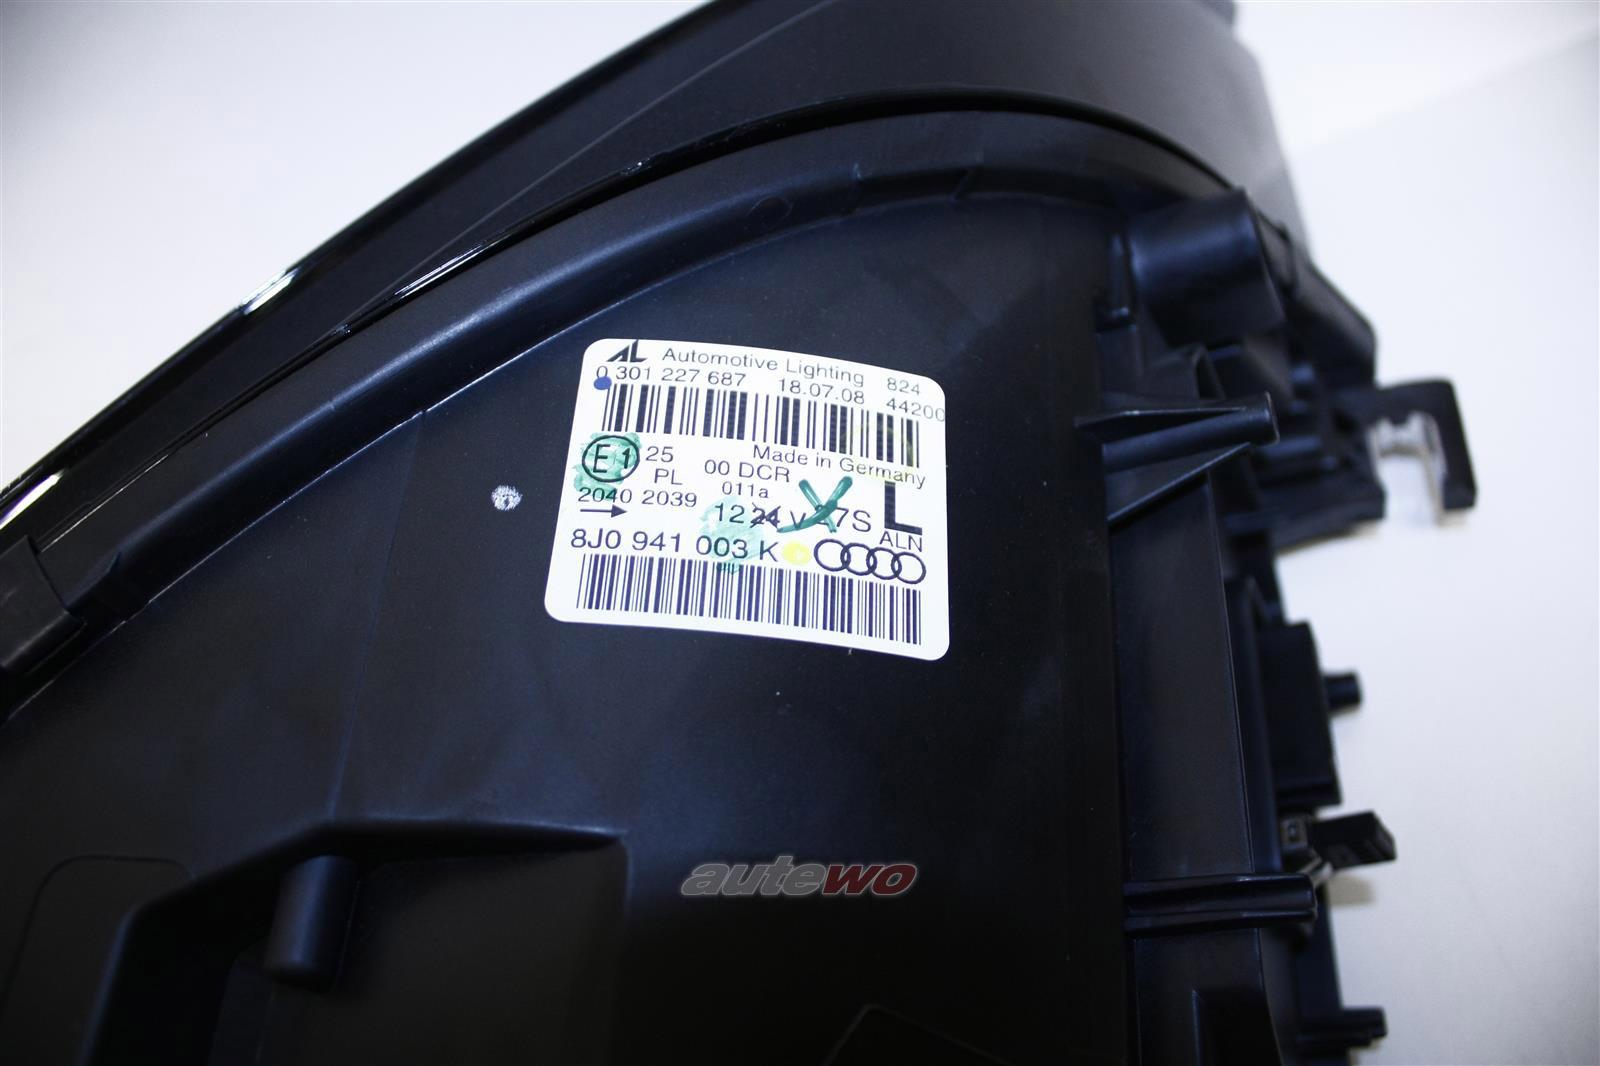 NEU&ORIGINAL Audi TT/TTS 8J Scheinwerfer Bi-Xenon RHD Links/Left 8J0941029K 8J09